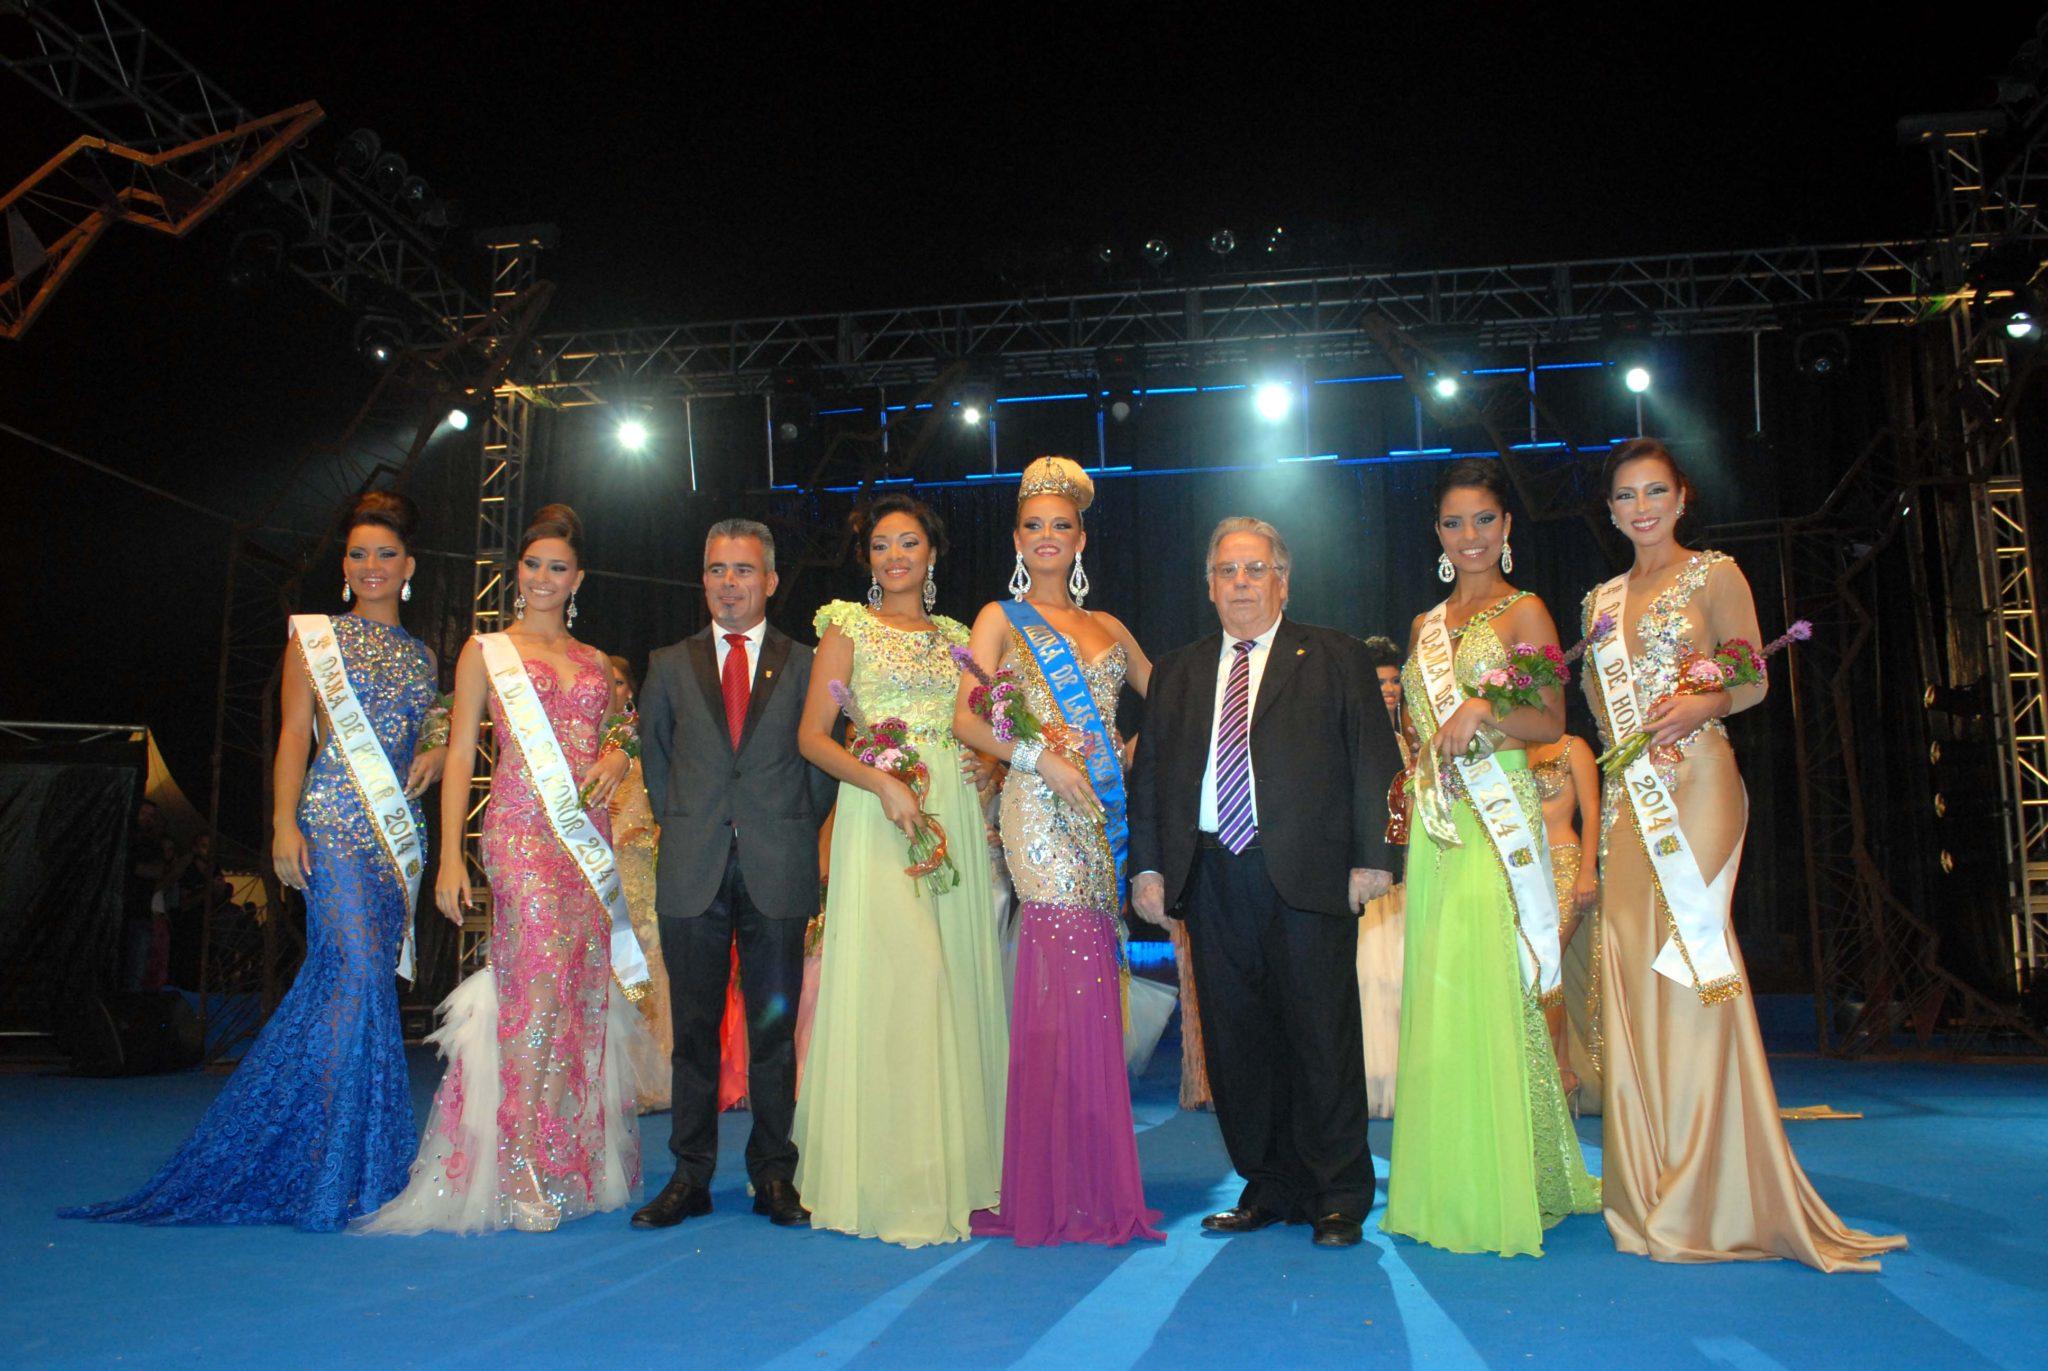 Gala de Eleccion de la Reina de las Fiestas de Julio 2014 de Puerto de la Cruz